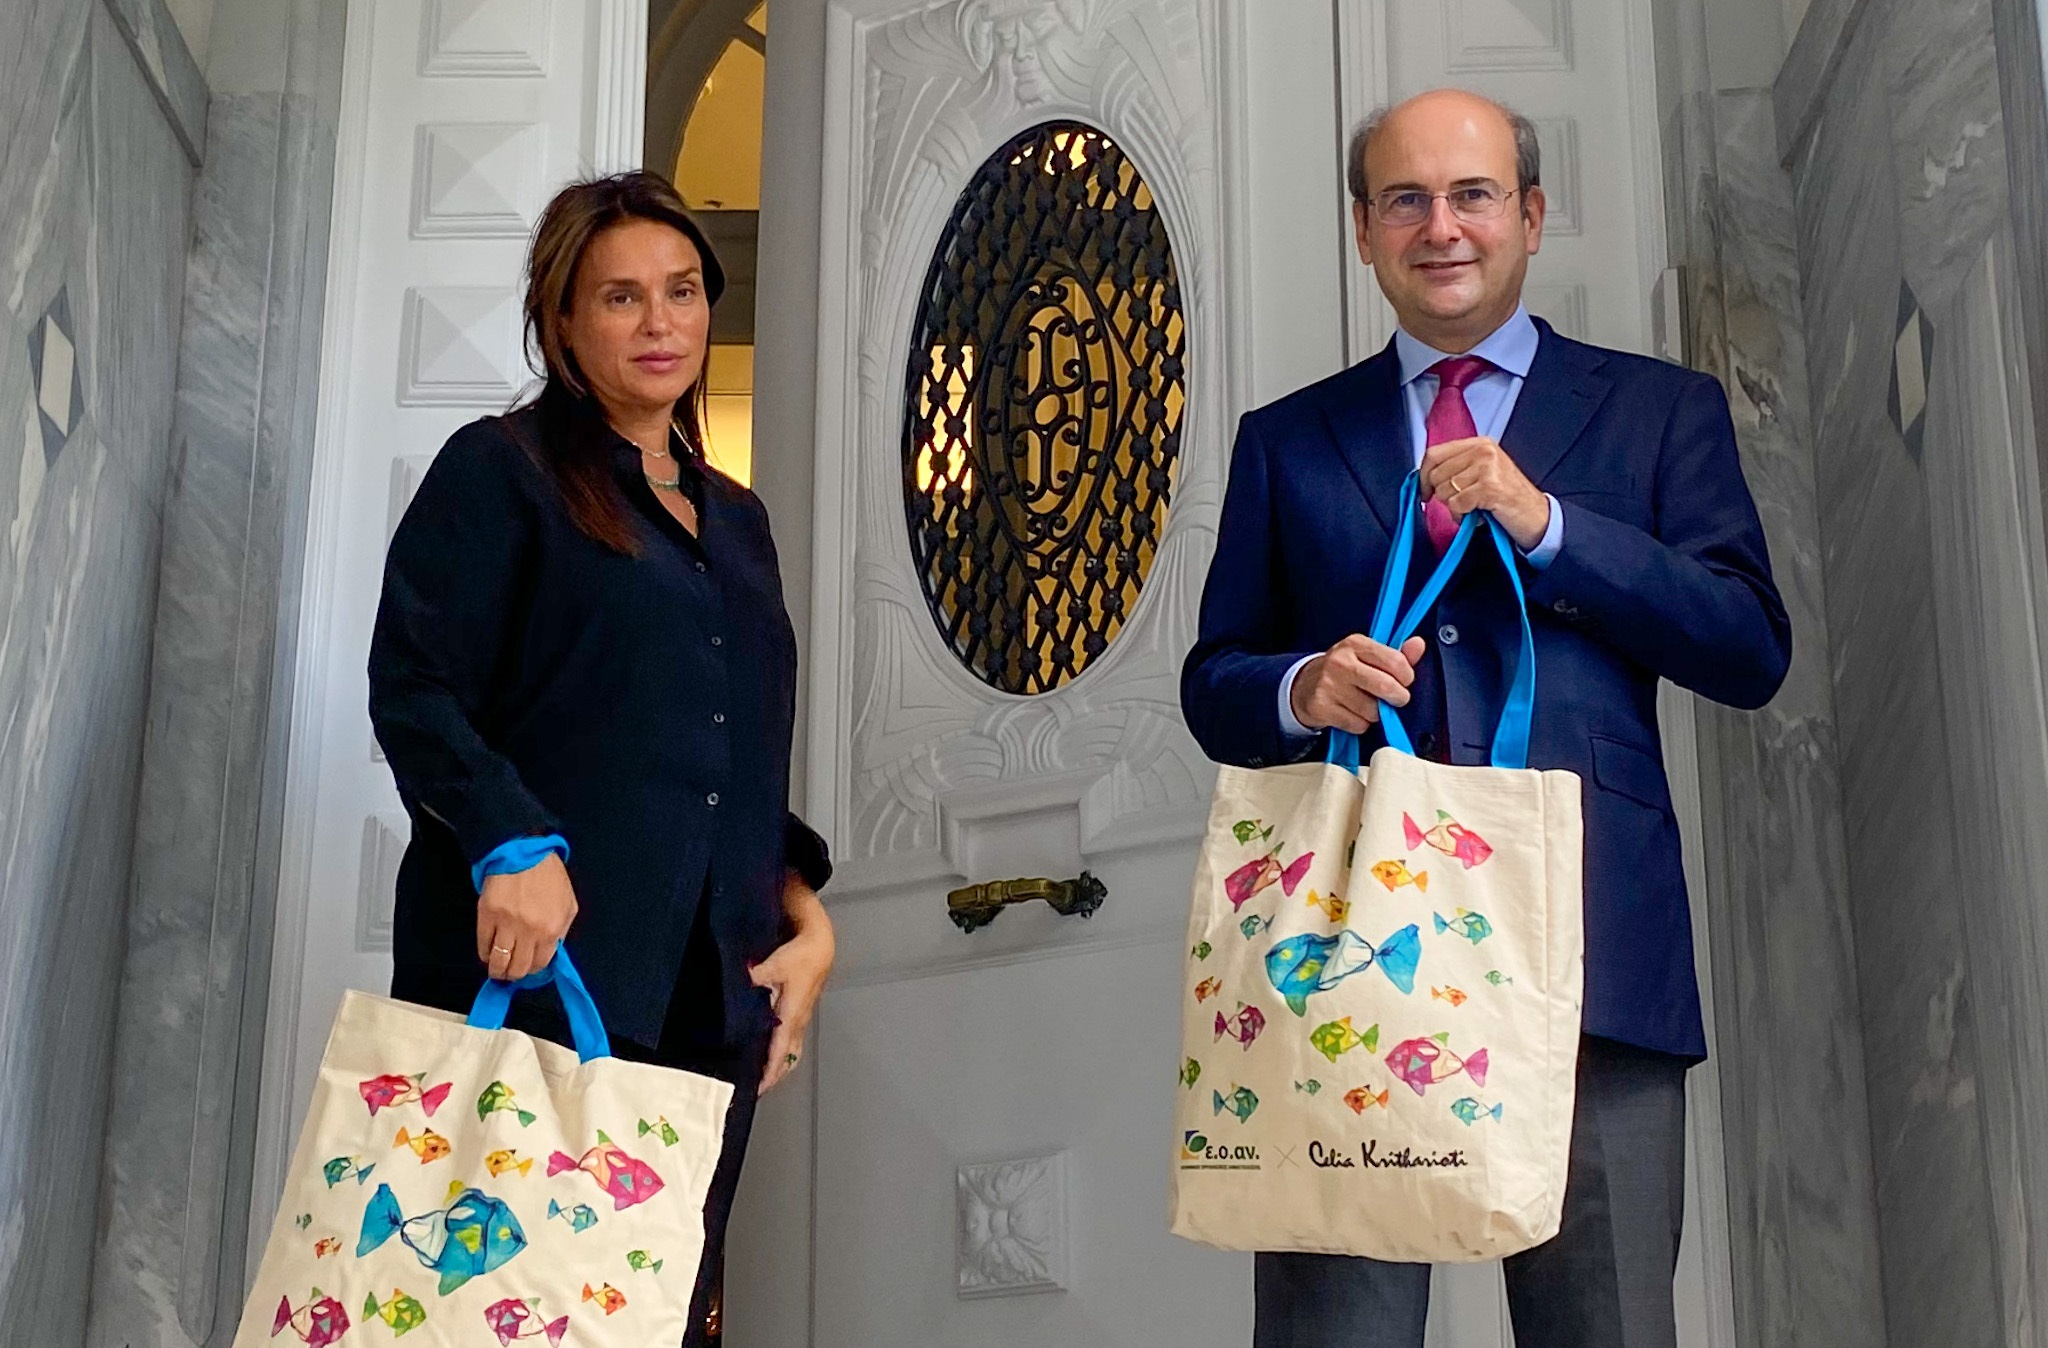 4 δράσεις για να επιστρέψουν στους πολίτες τα χρήματα από το τέλος πλαστικής σακούλας